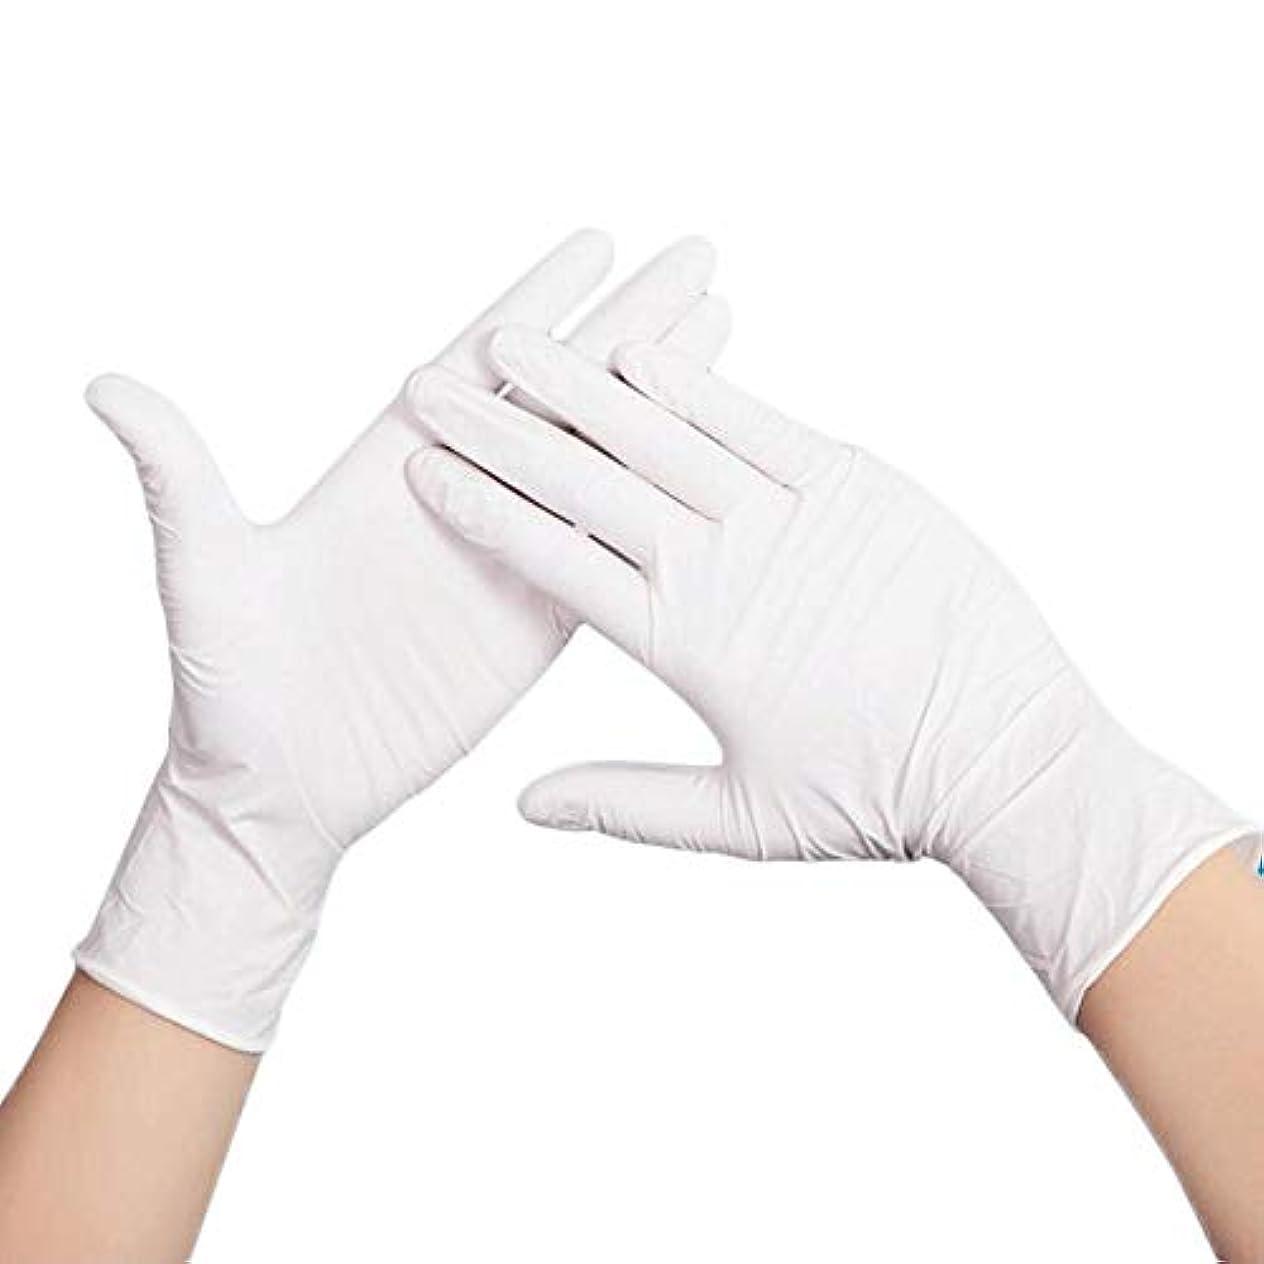 入札偽装する食物乳白色の11インチの使い捨て可能な粉体検査ゴムラテックス手袋 - 着用が簡単で快適なフィット YANW (色 : A, サイズ さいず : M m)